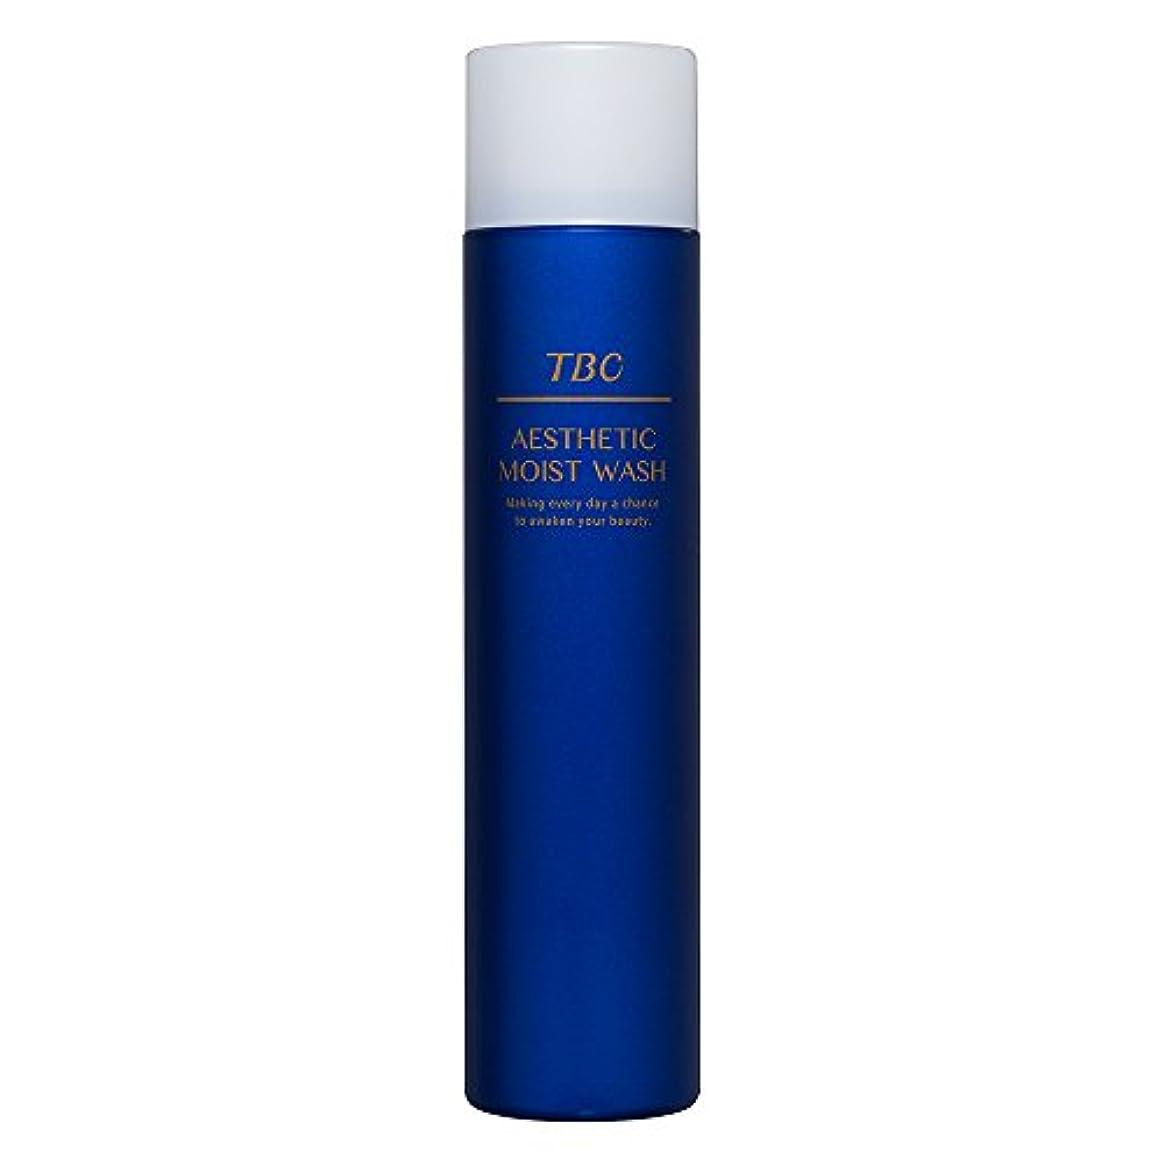 ファンタジーピービッシュ円形TBC エステティックモイストウォッシュ 洗顔料/洗顔フォーム/泡洗顔/炭酸泡/無添加処方